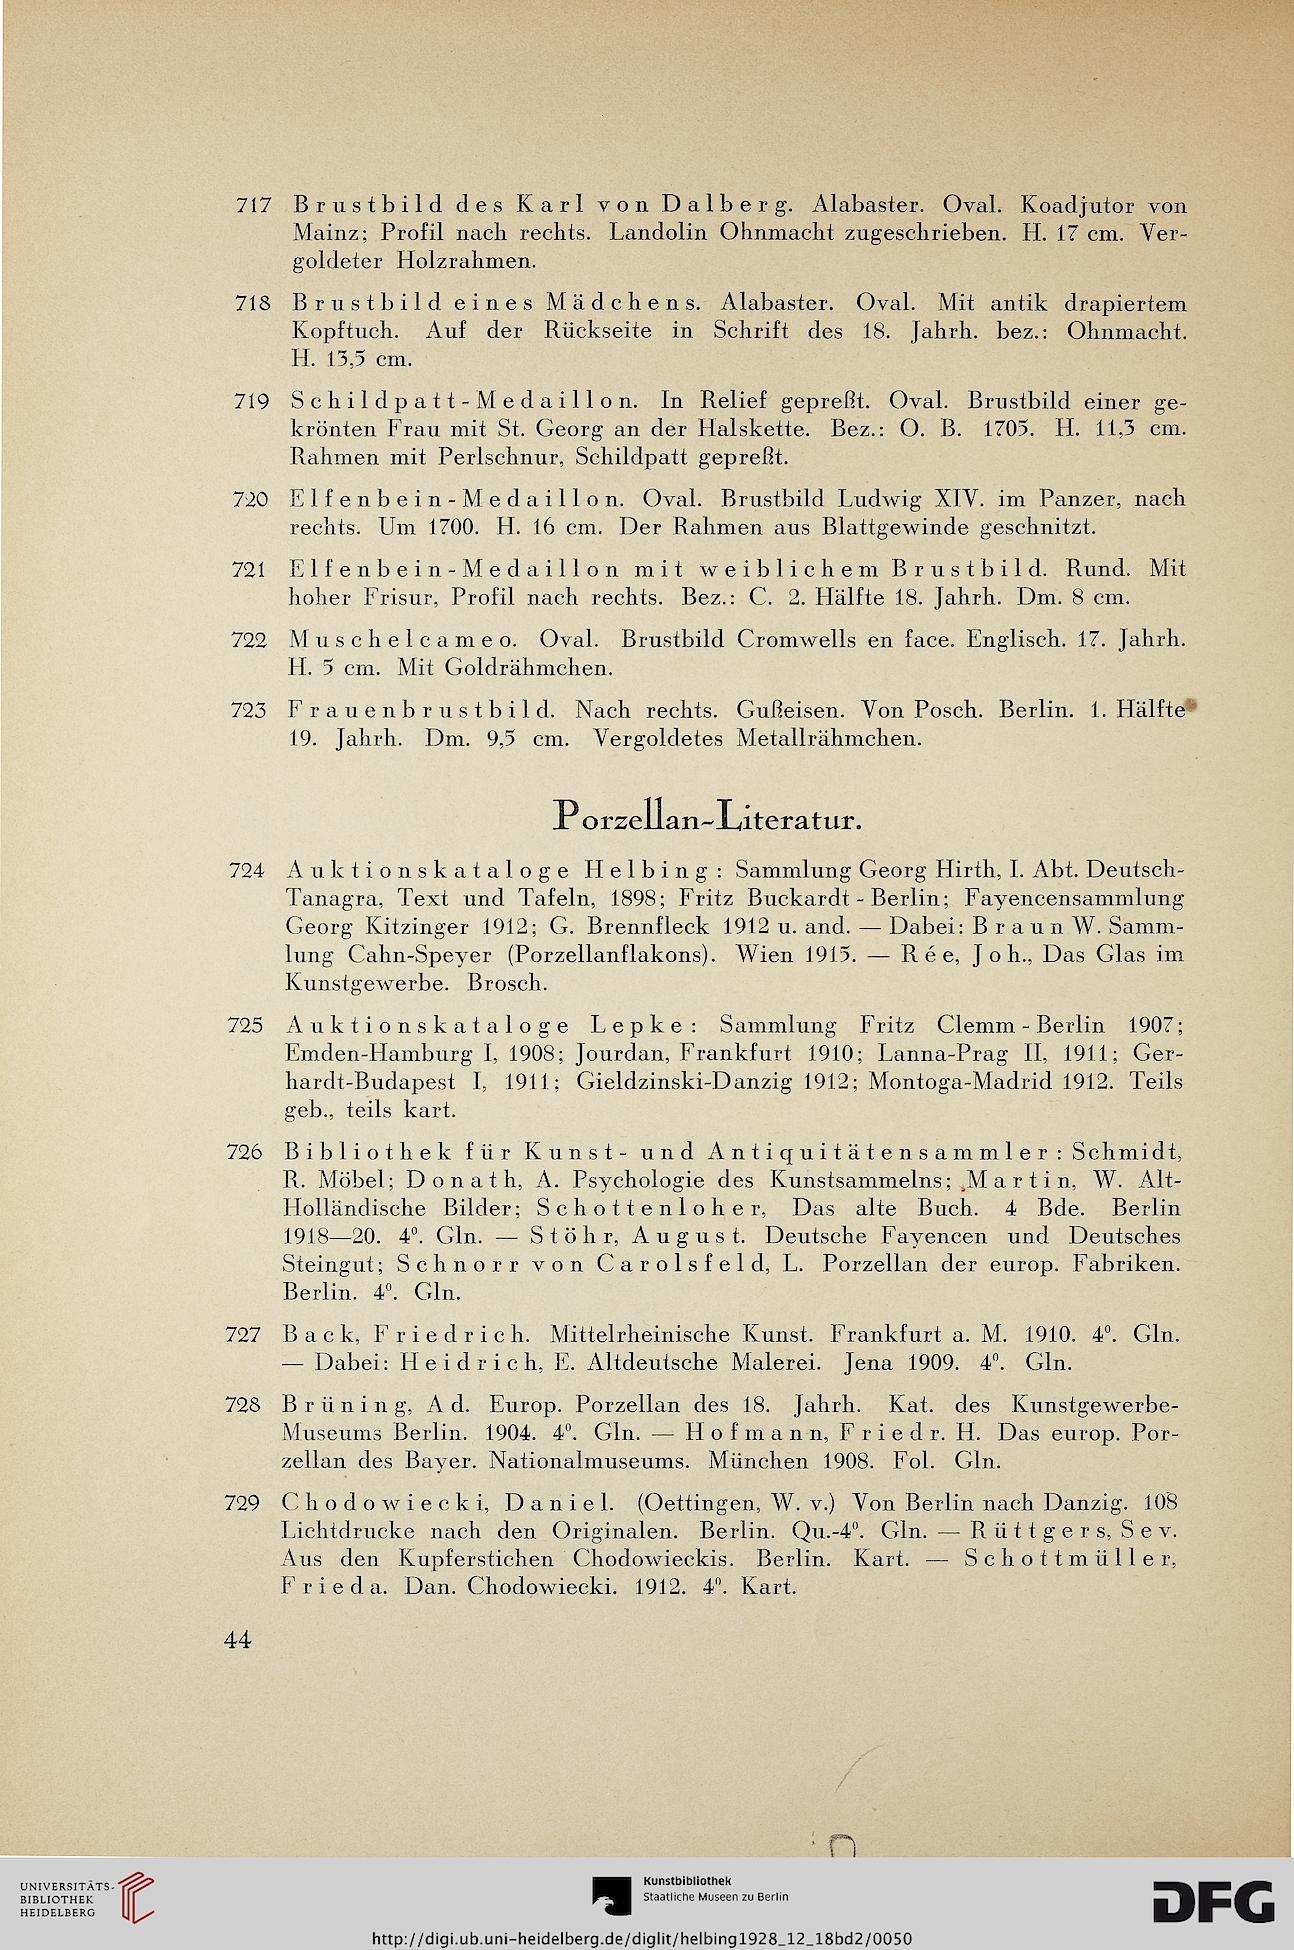 Hugo Helbing <München> [Hrsg.]; Ostermann, Paul [Bearb.]: Sammlung ...